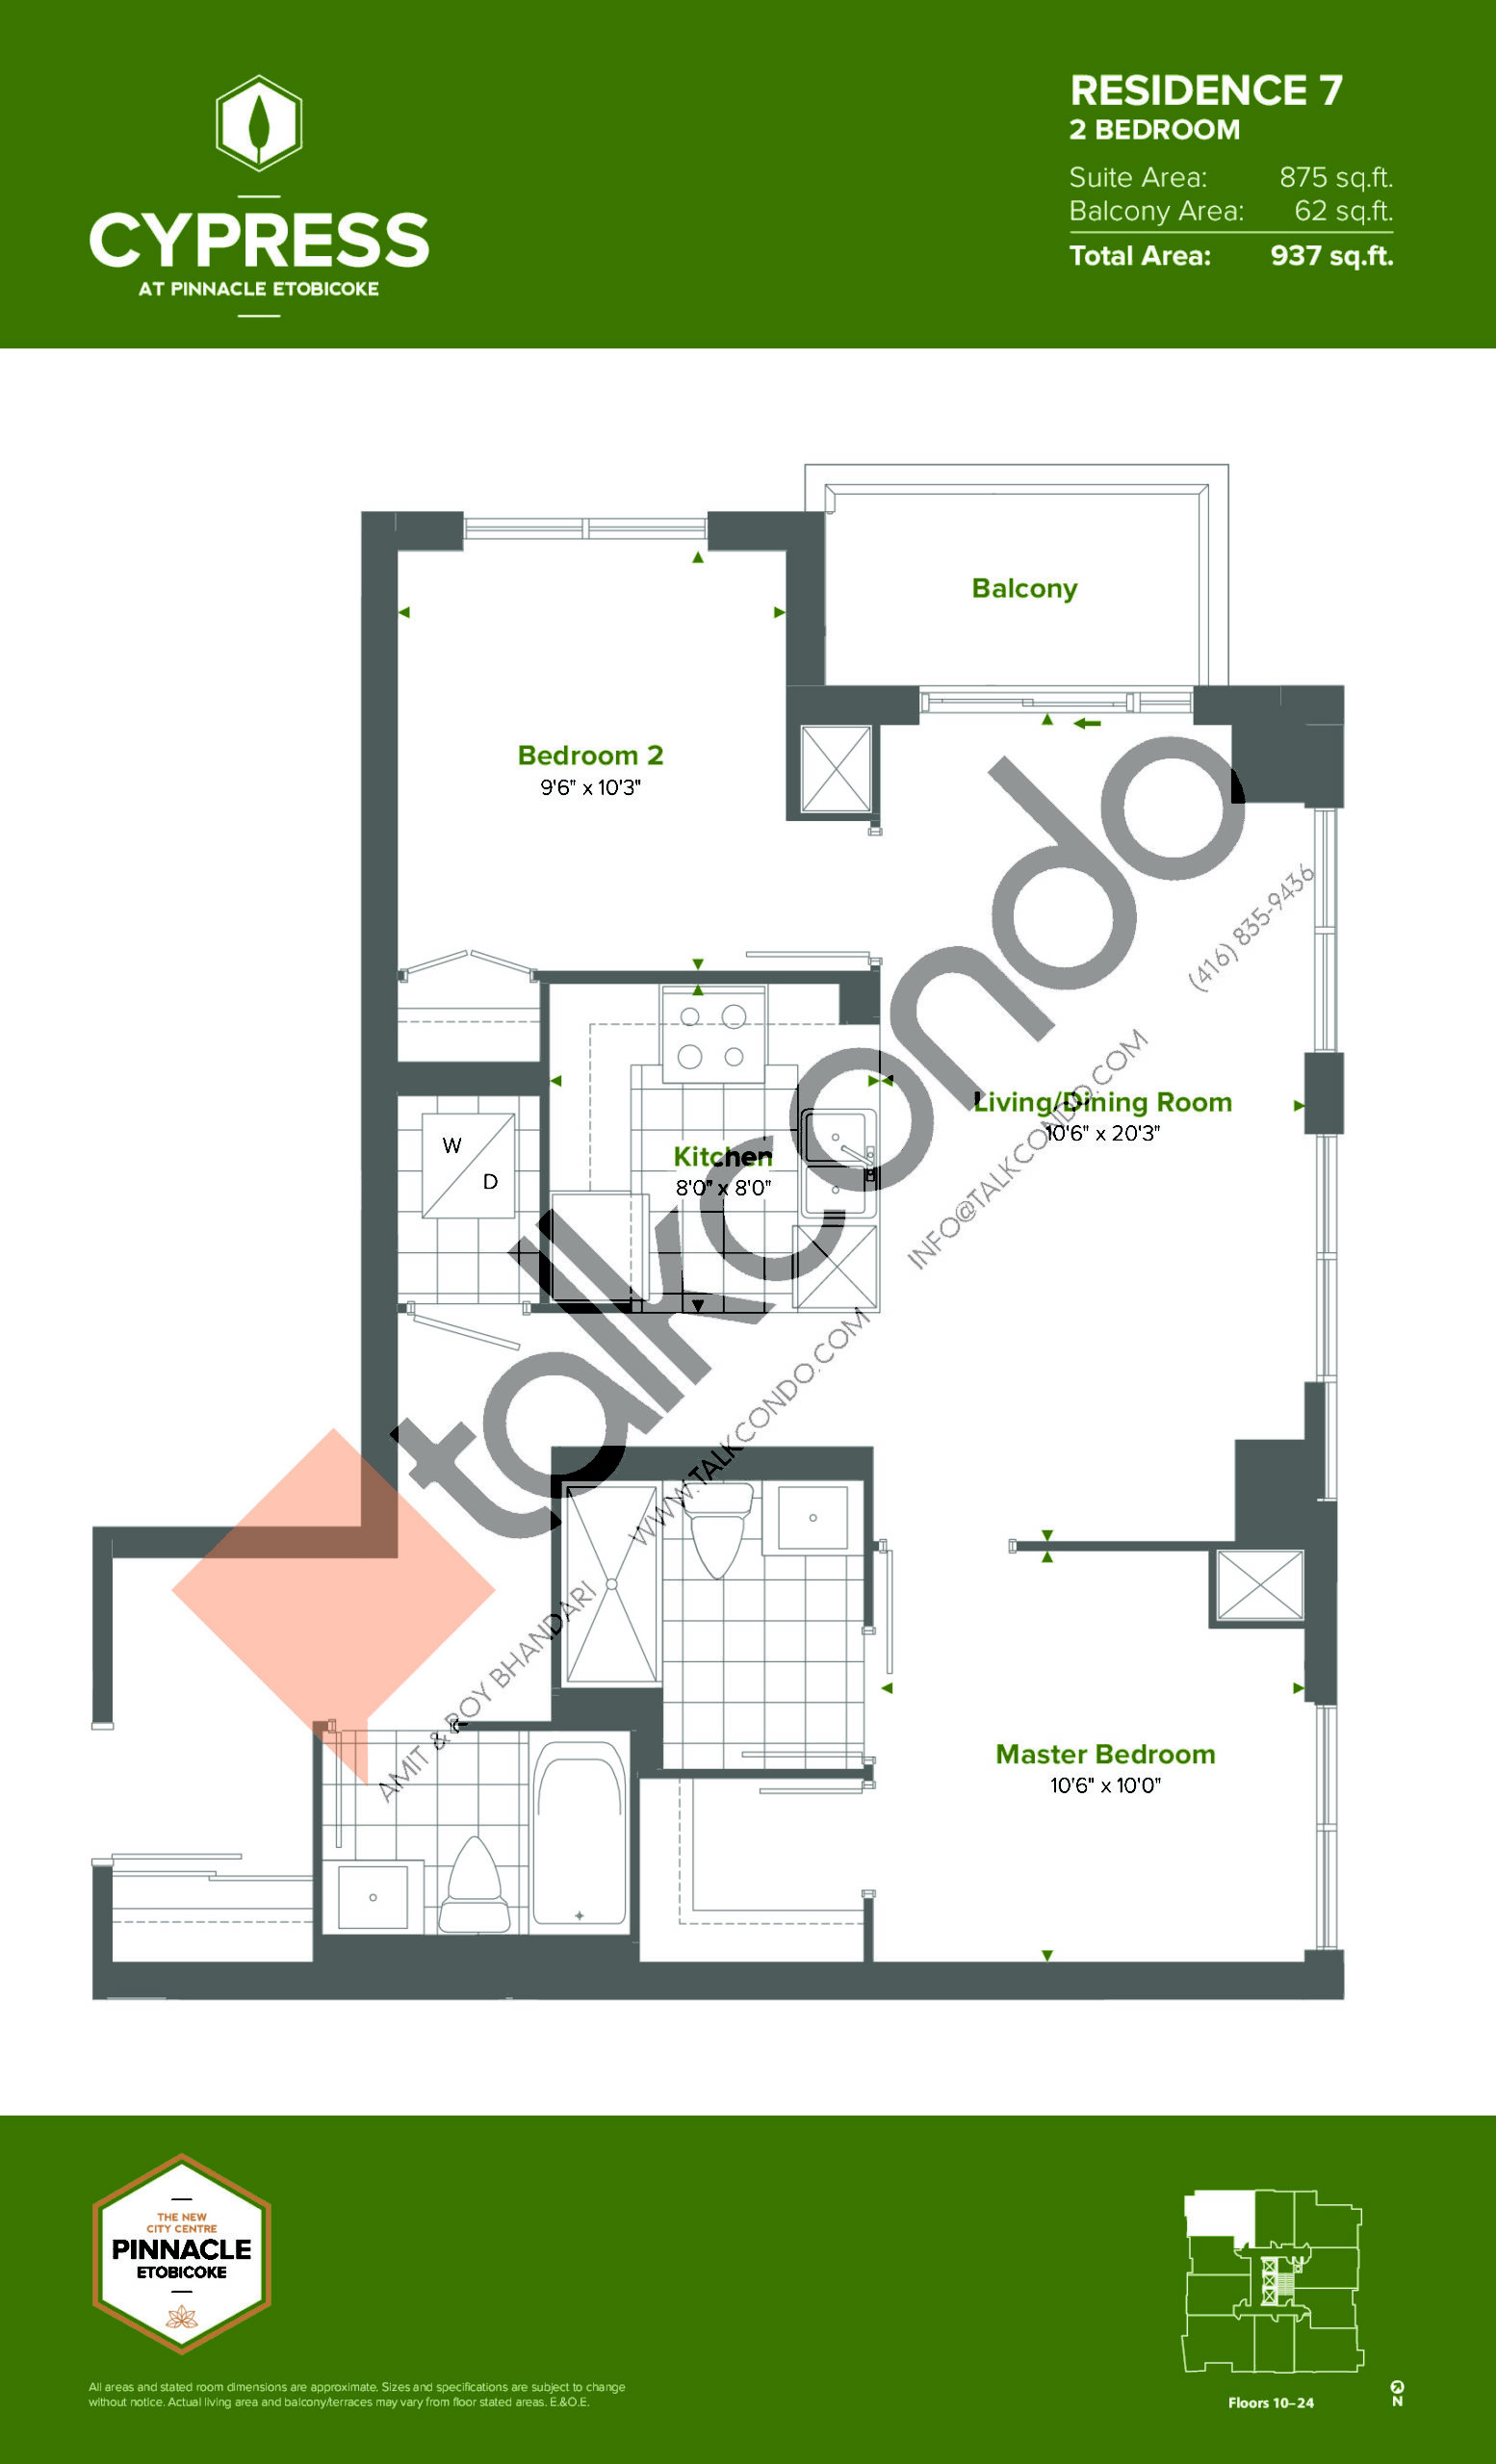 Residence 7 (Tower) Floor Plan at Cypress at Pinnacle Etobicoke - 875 sq.ft